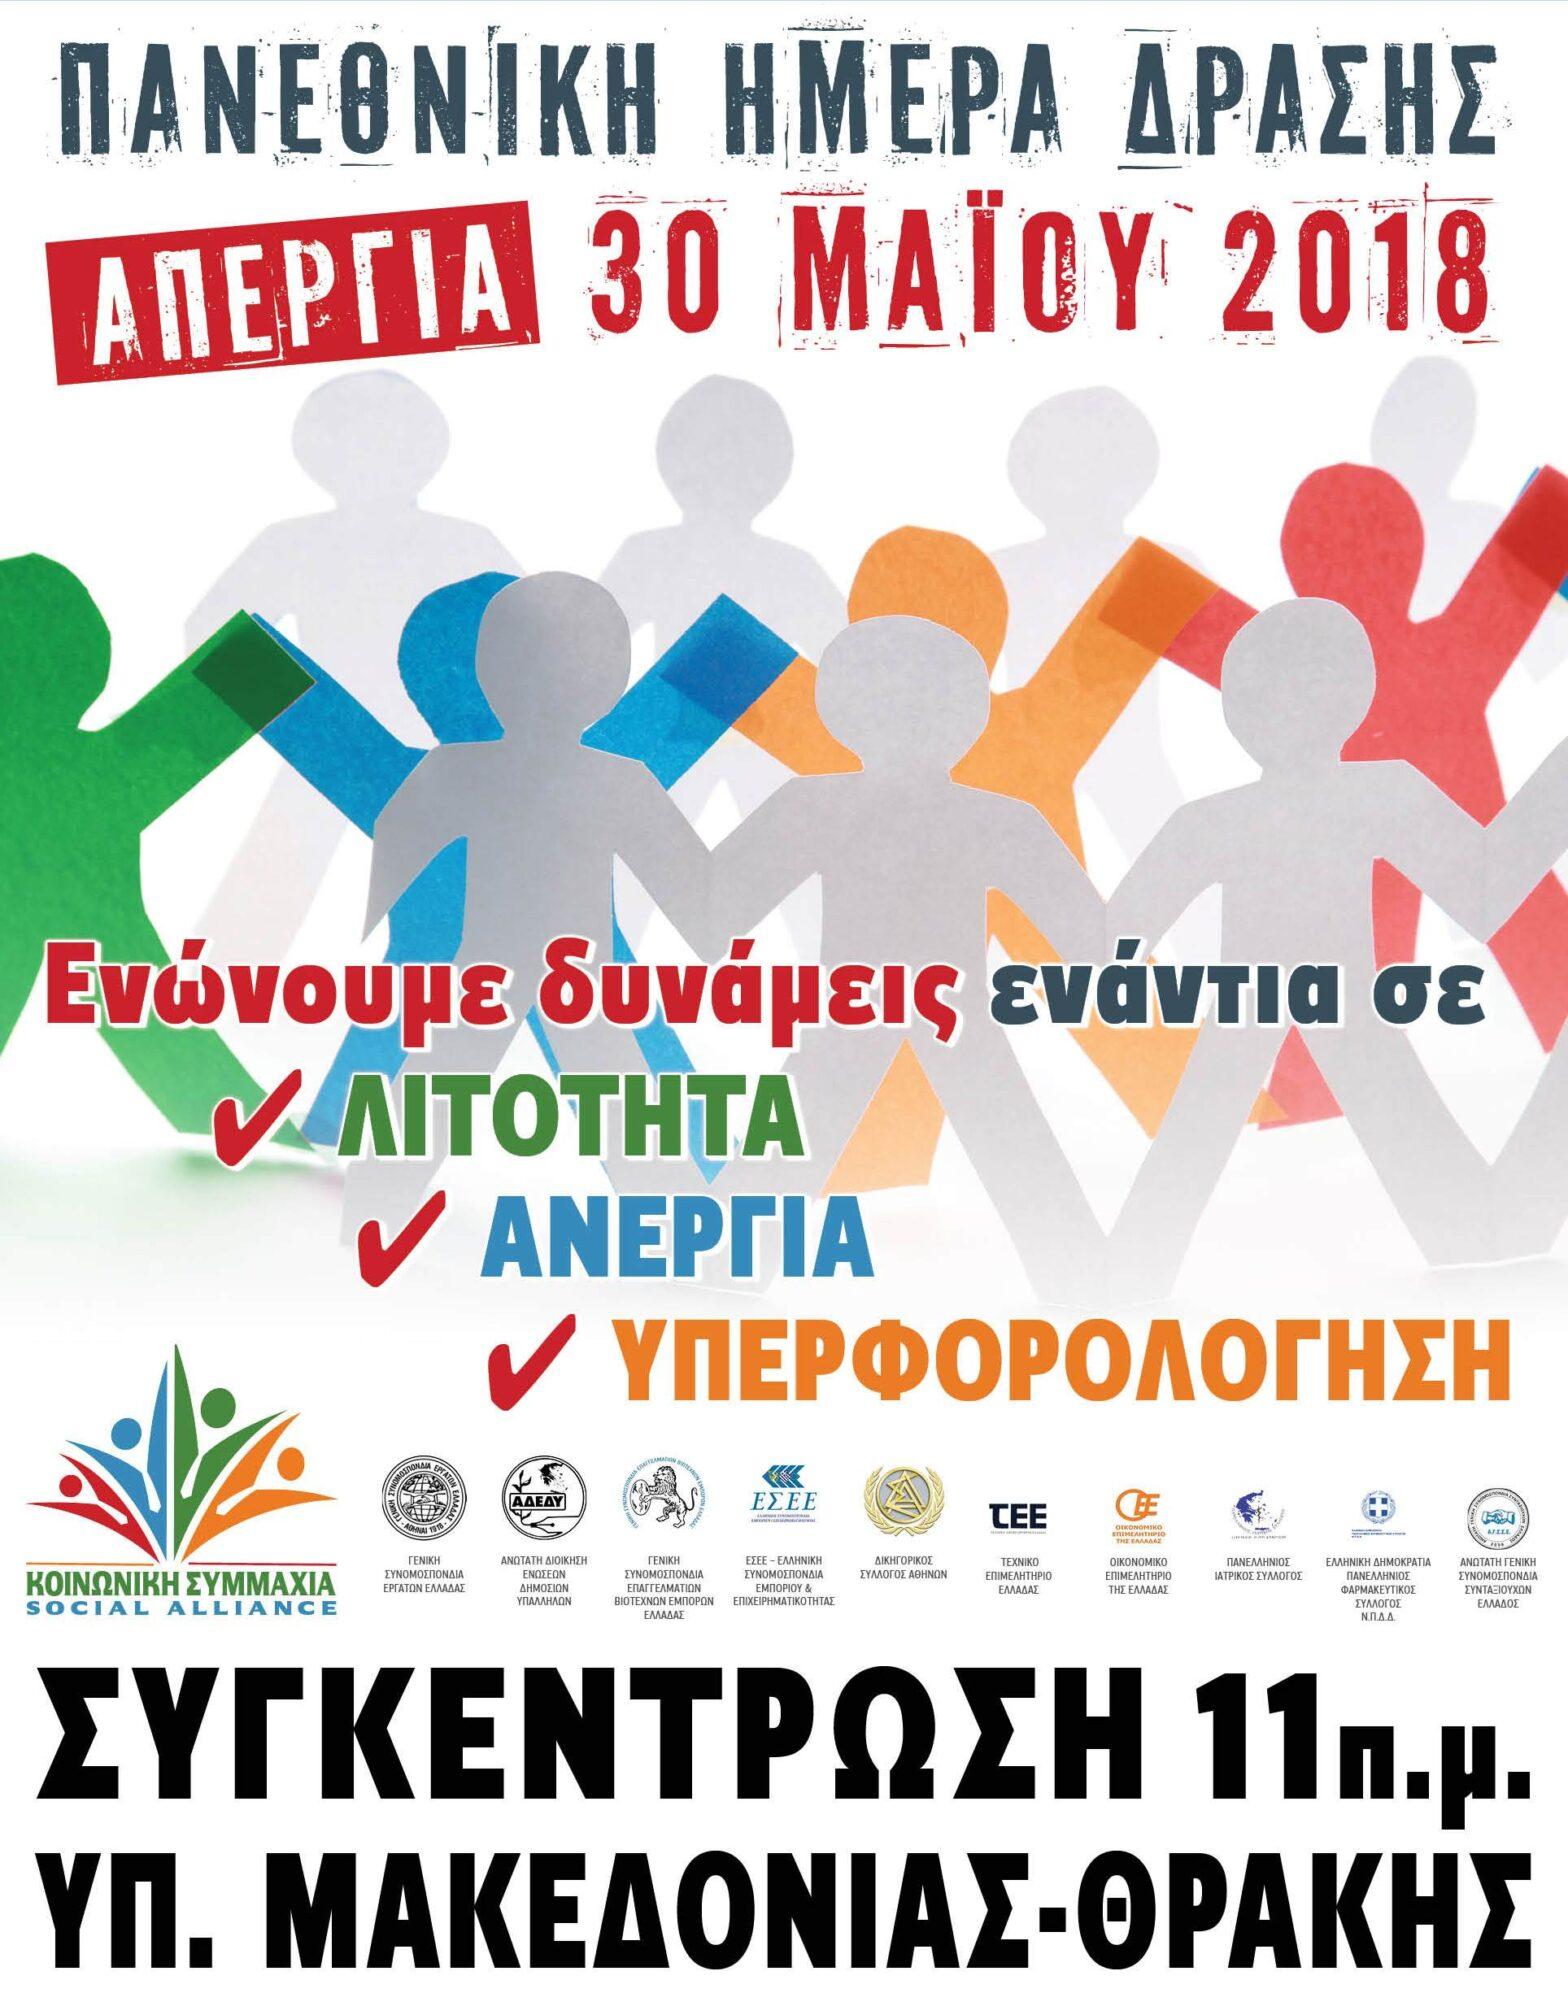 ΕΓΚΥΚΛΙΟΣ -Πανεθνική Ημέρα Δράσης Απεργία 30 Μαΐου 2018 Συγκέντρωση 11π.μ. Υπουργείο Μακεδονίας – Θράκης